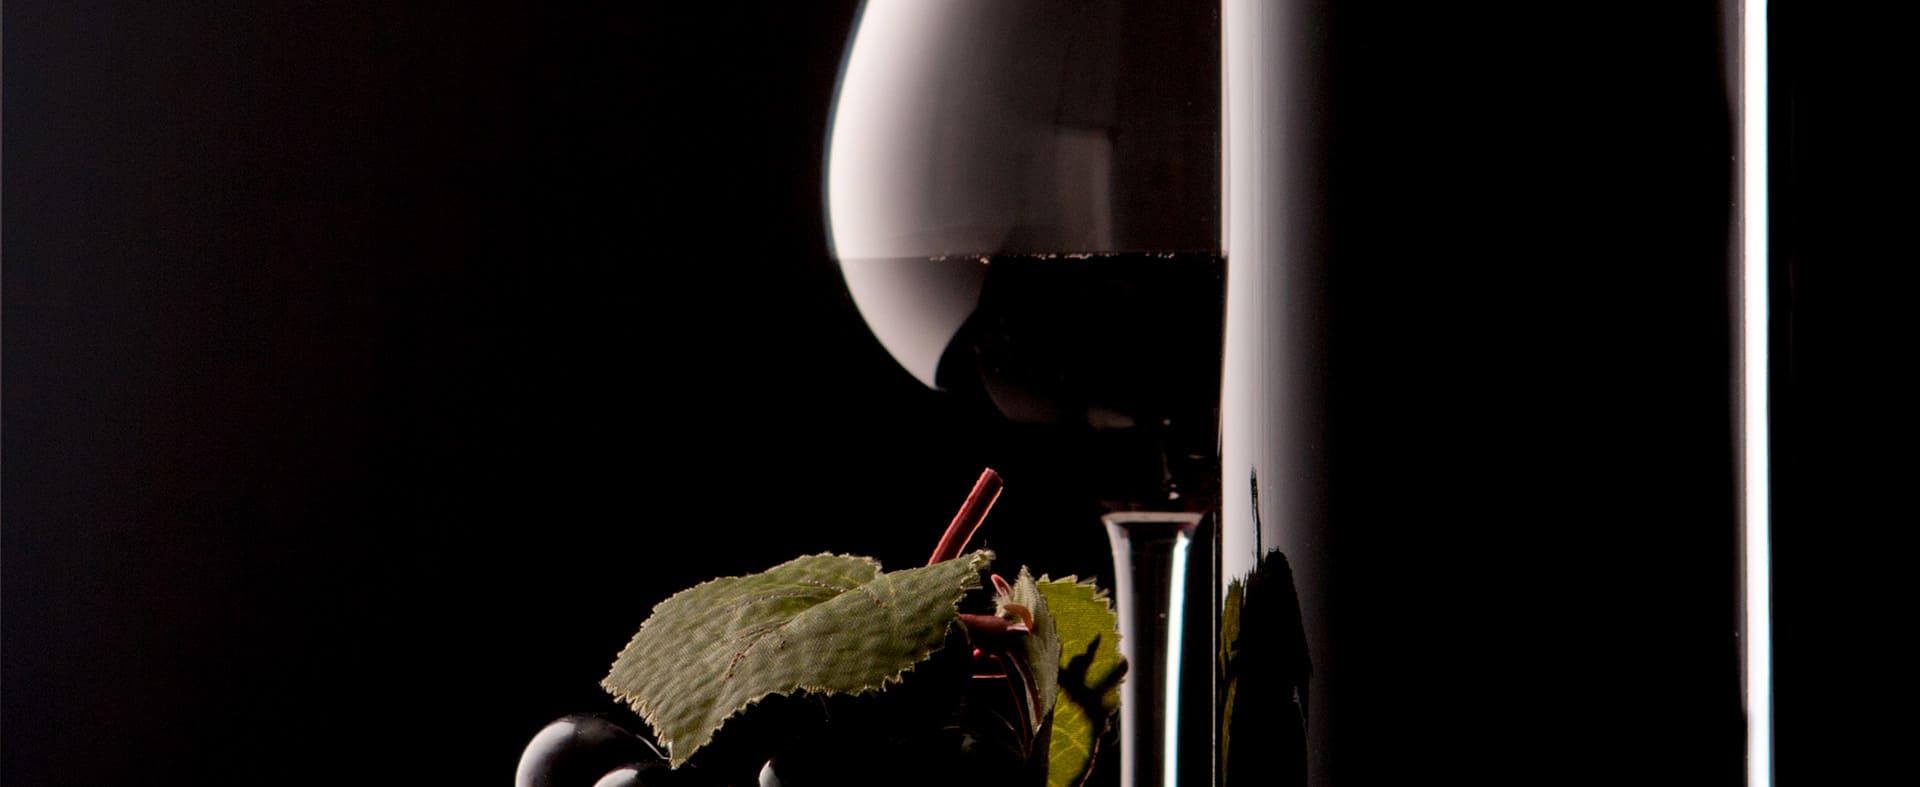 Wein aus Luxemburg günstig kaufen